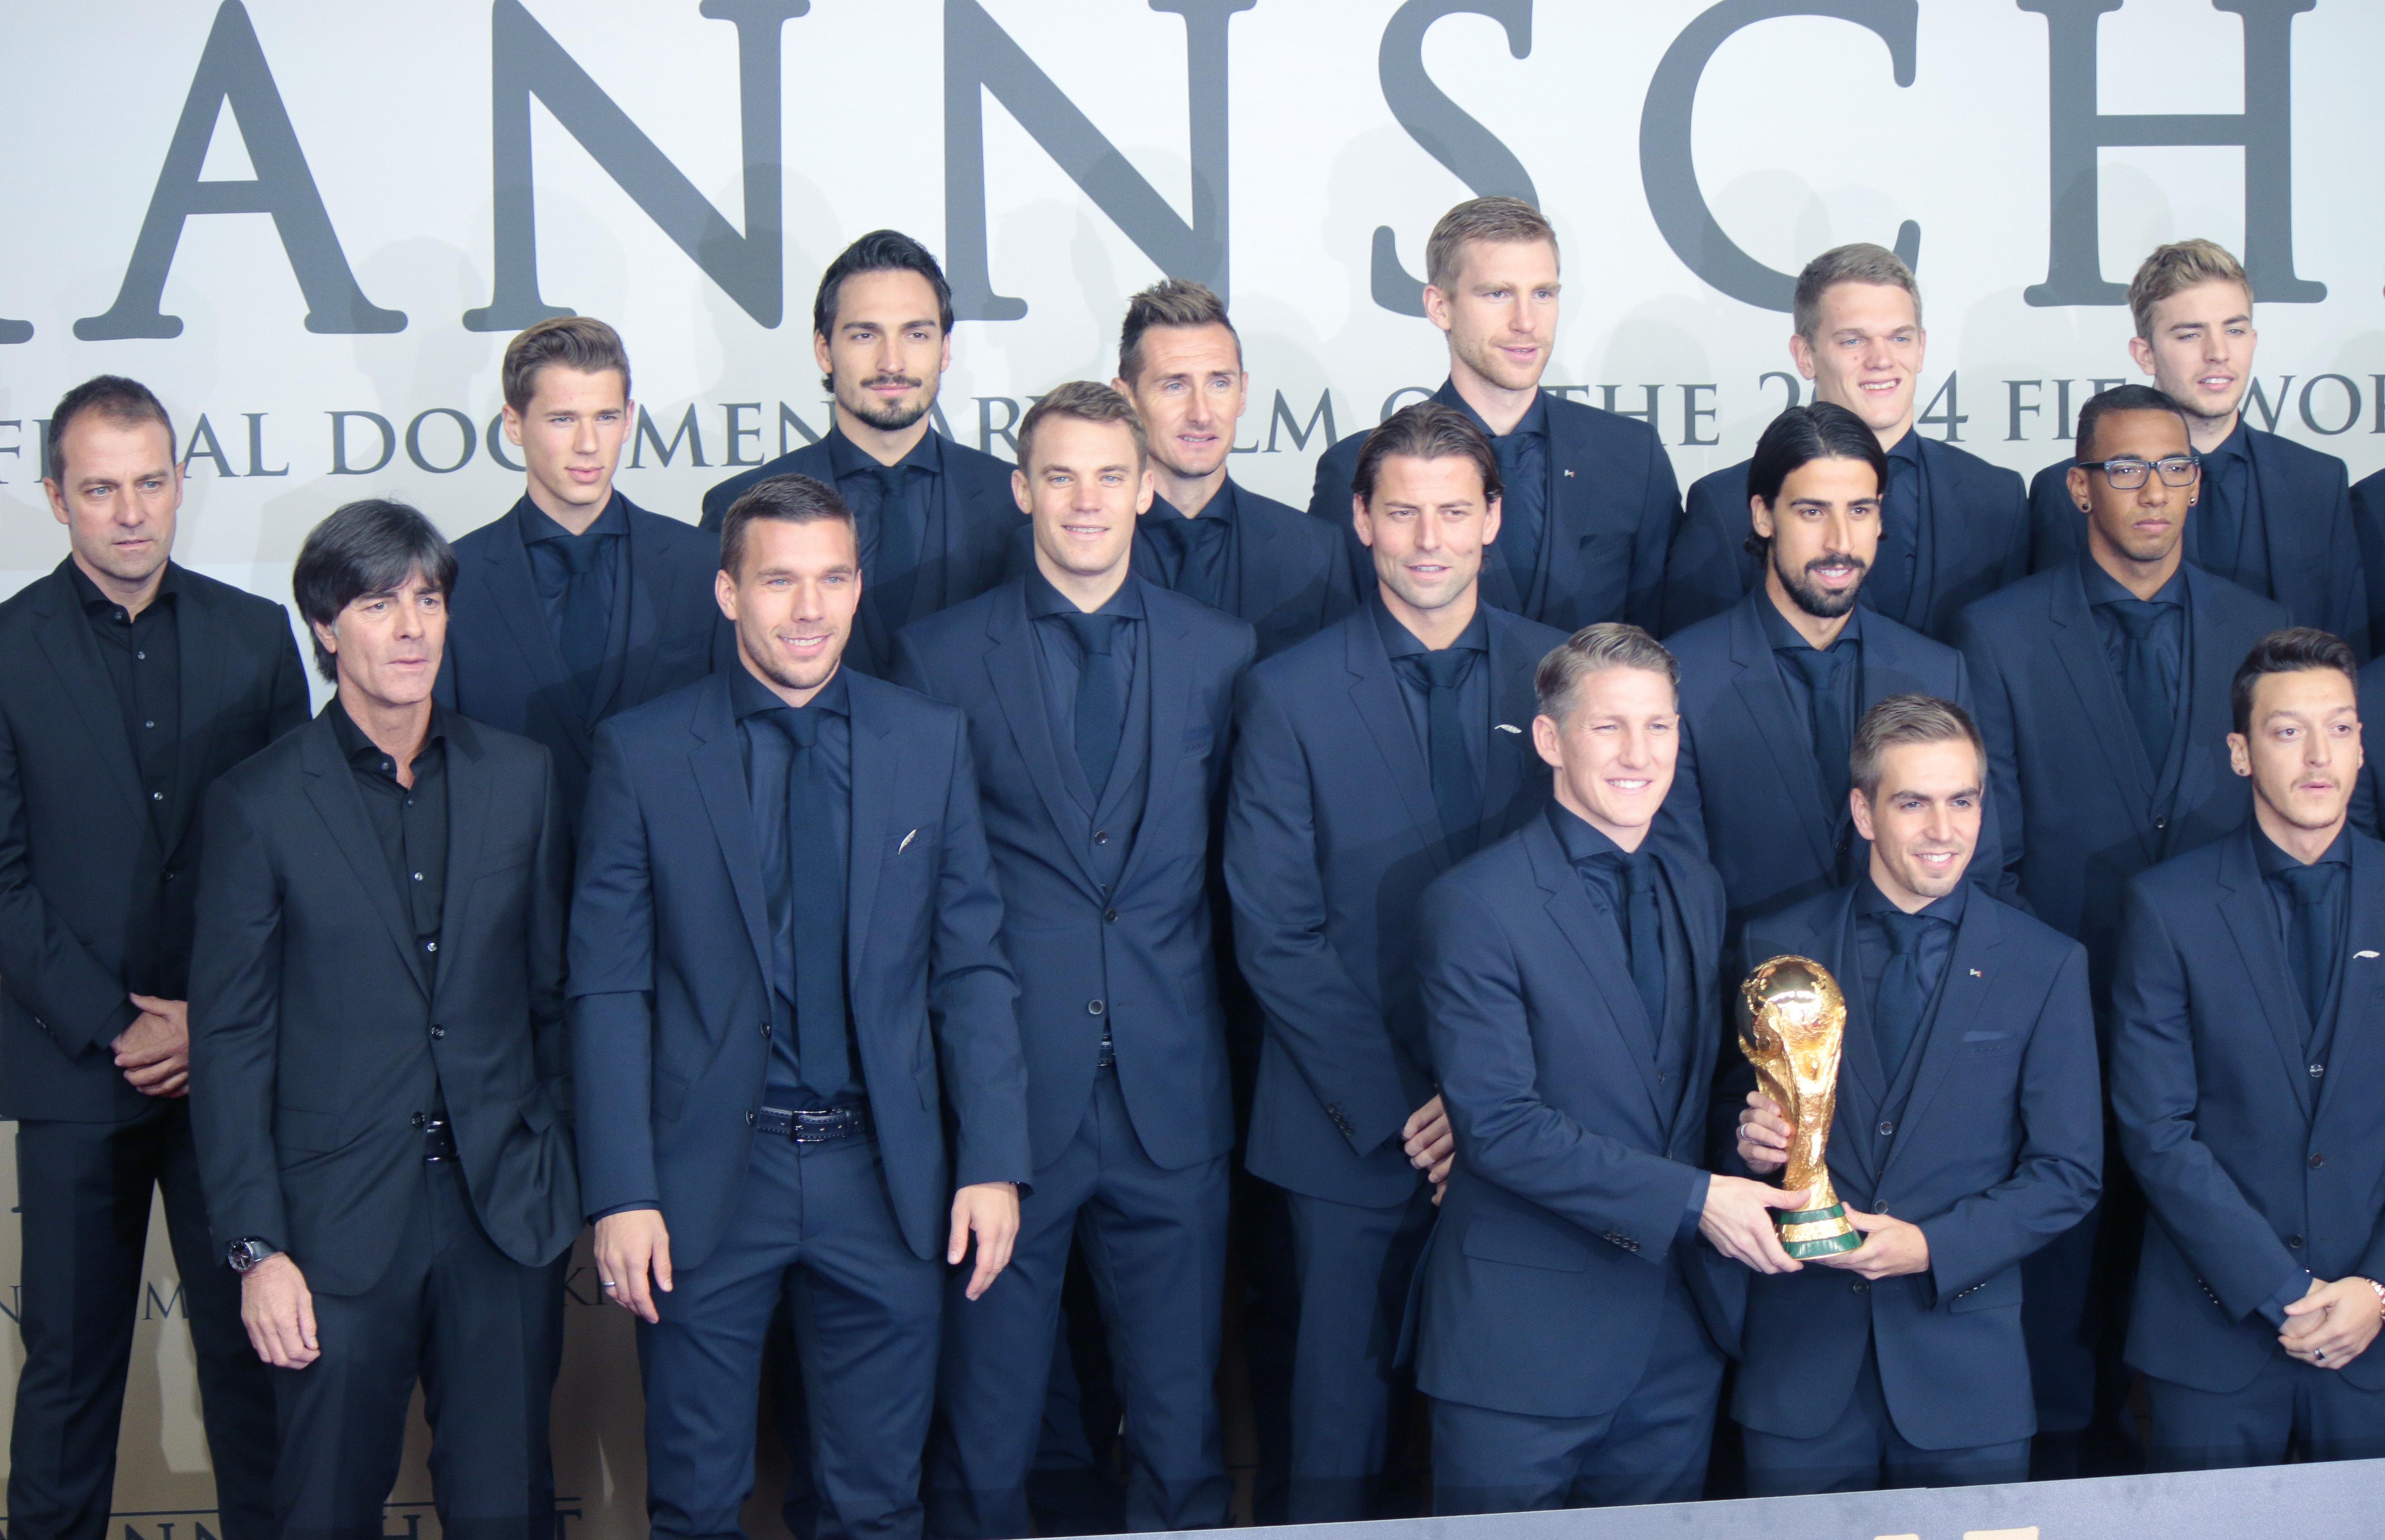 Mannschaft Deutschland Wm 2021